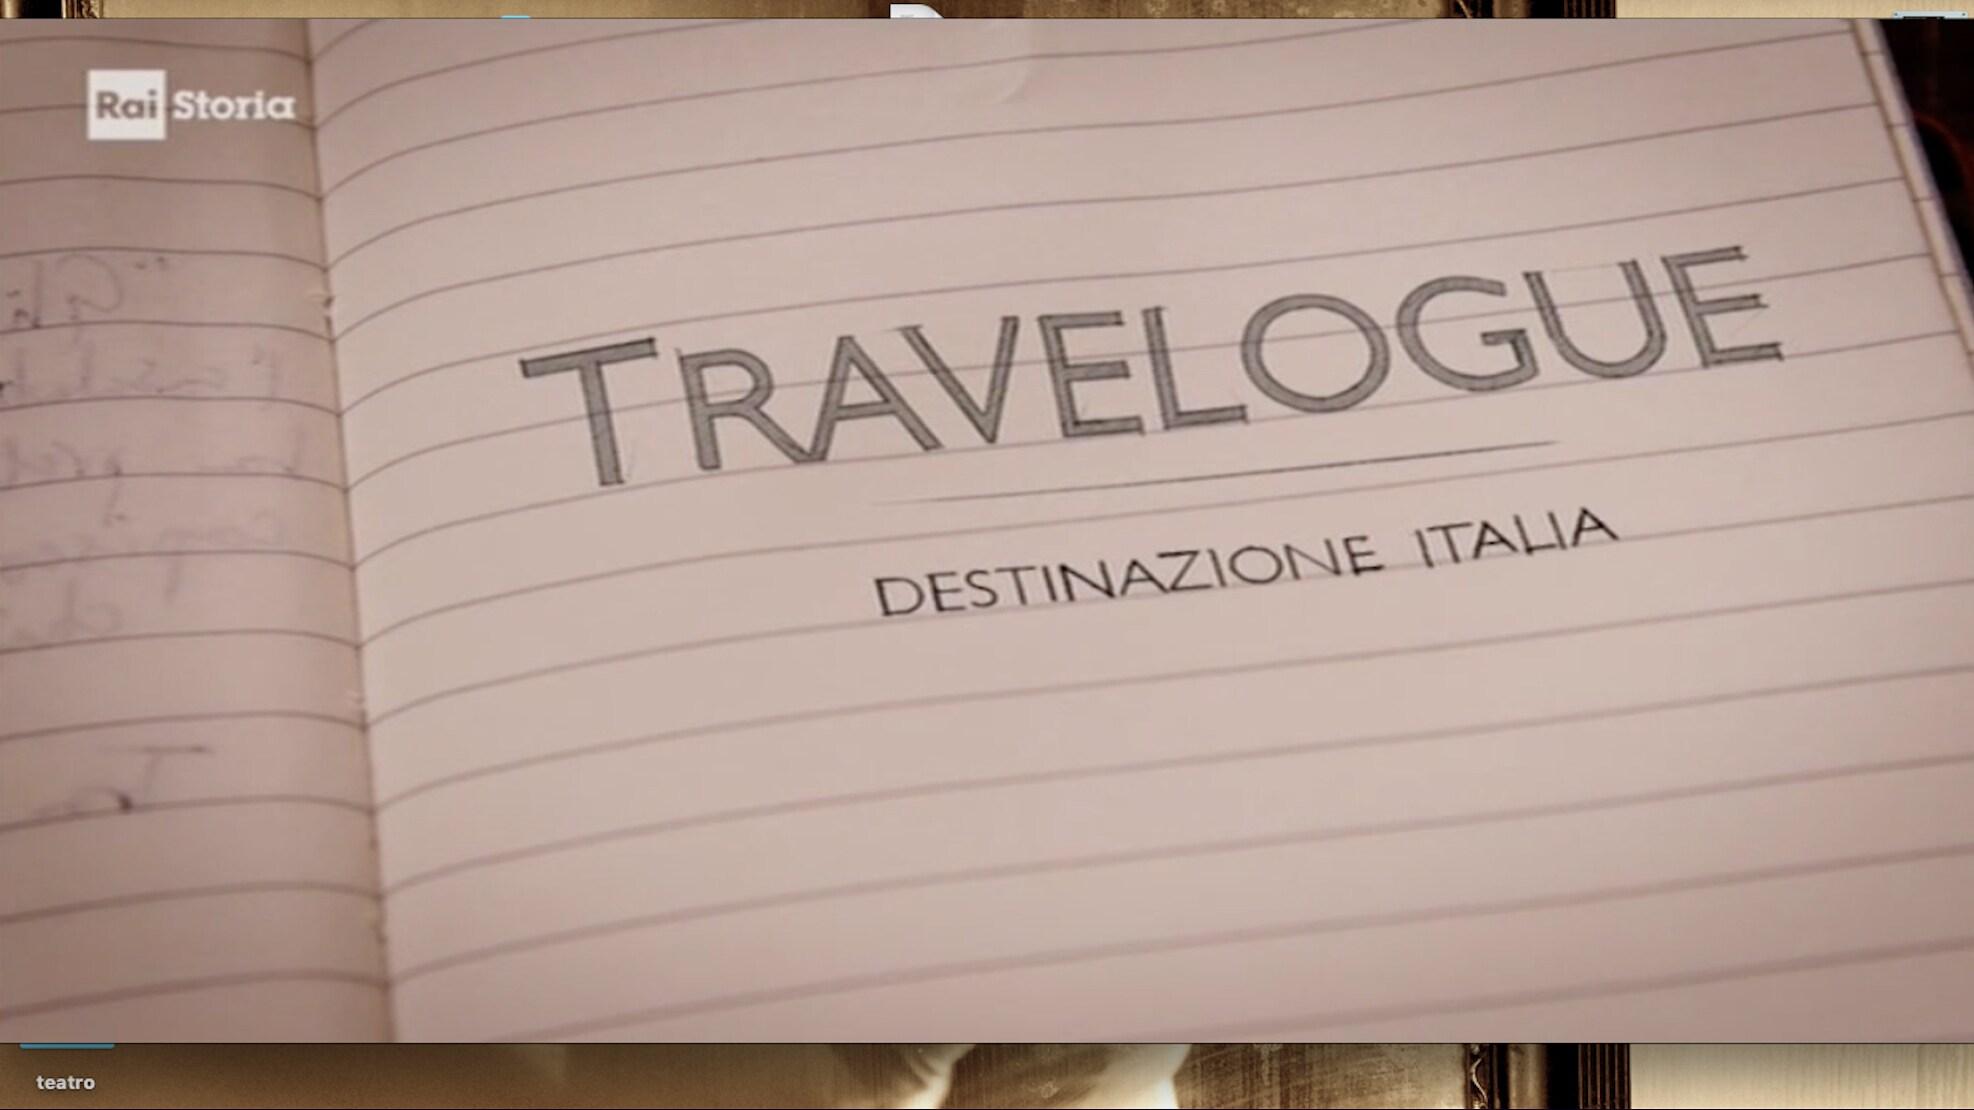 Rai Storia Travelogue. Destinazione Italia. Il Marchese De Sade